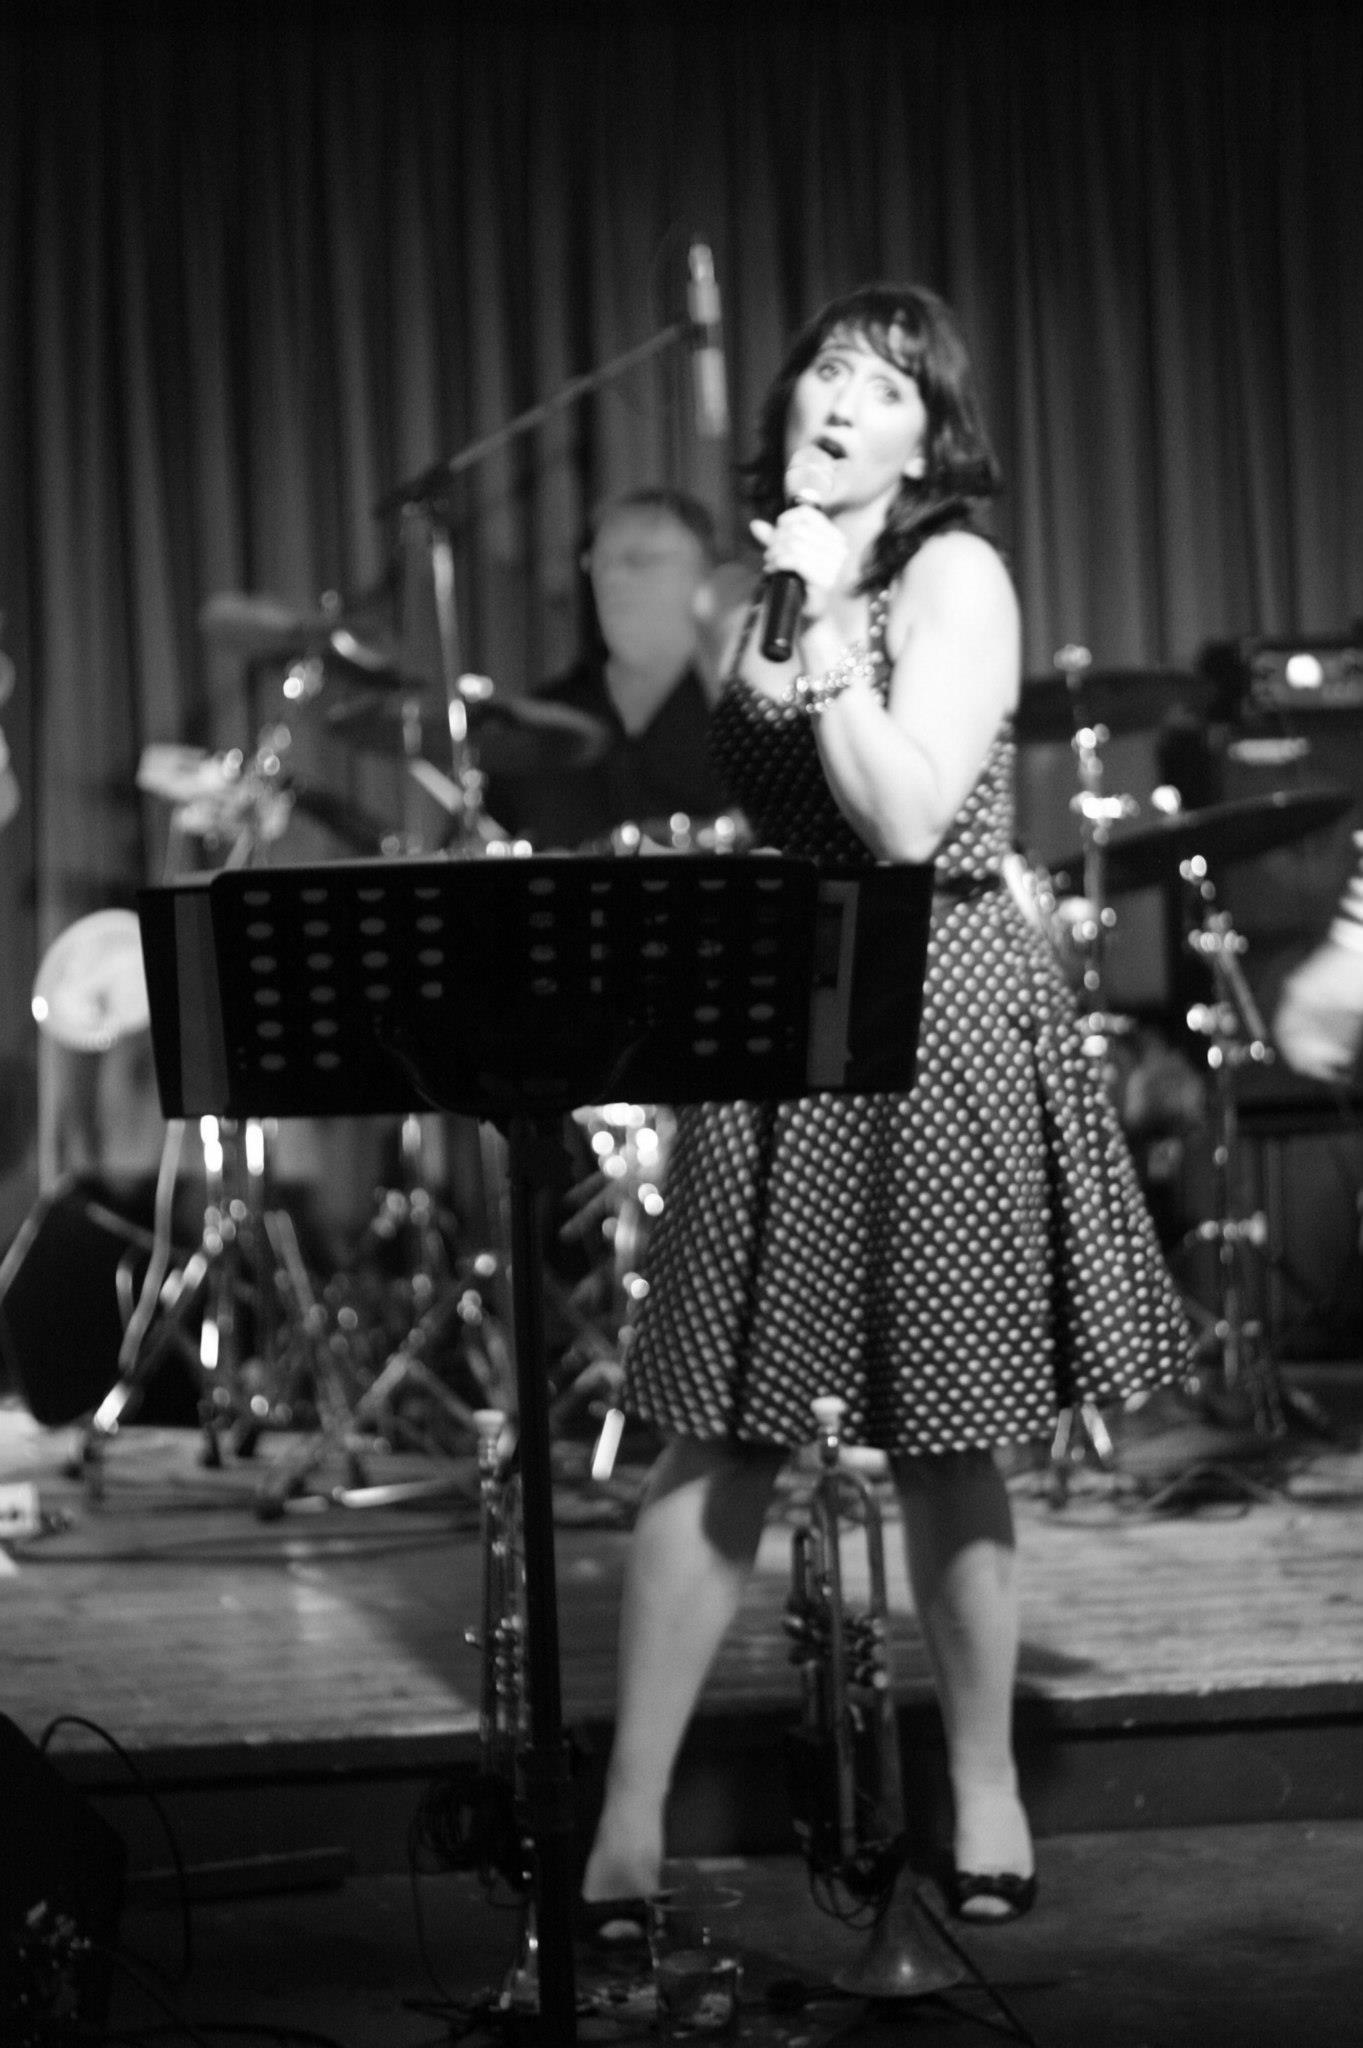 Singing B&W